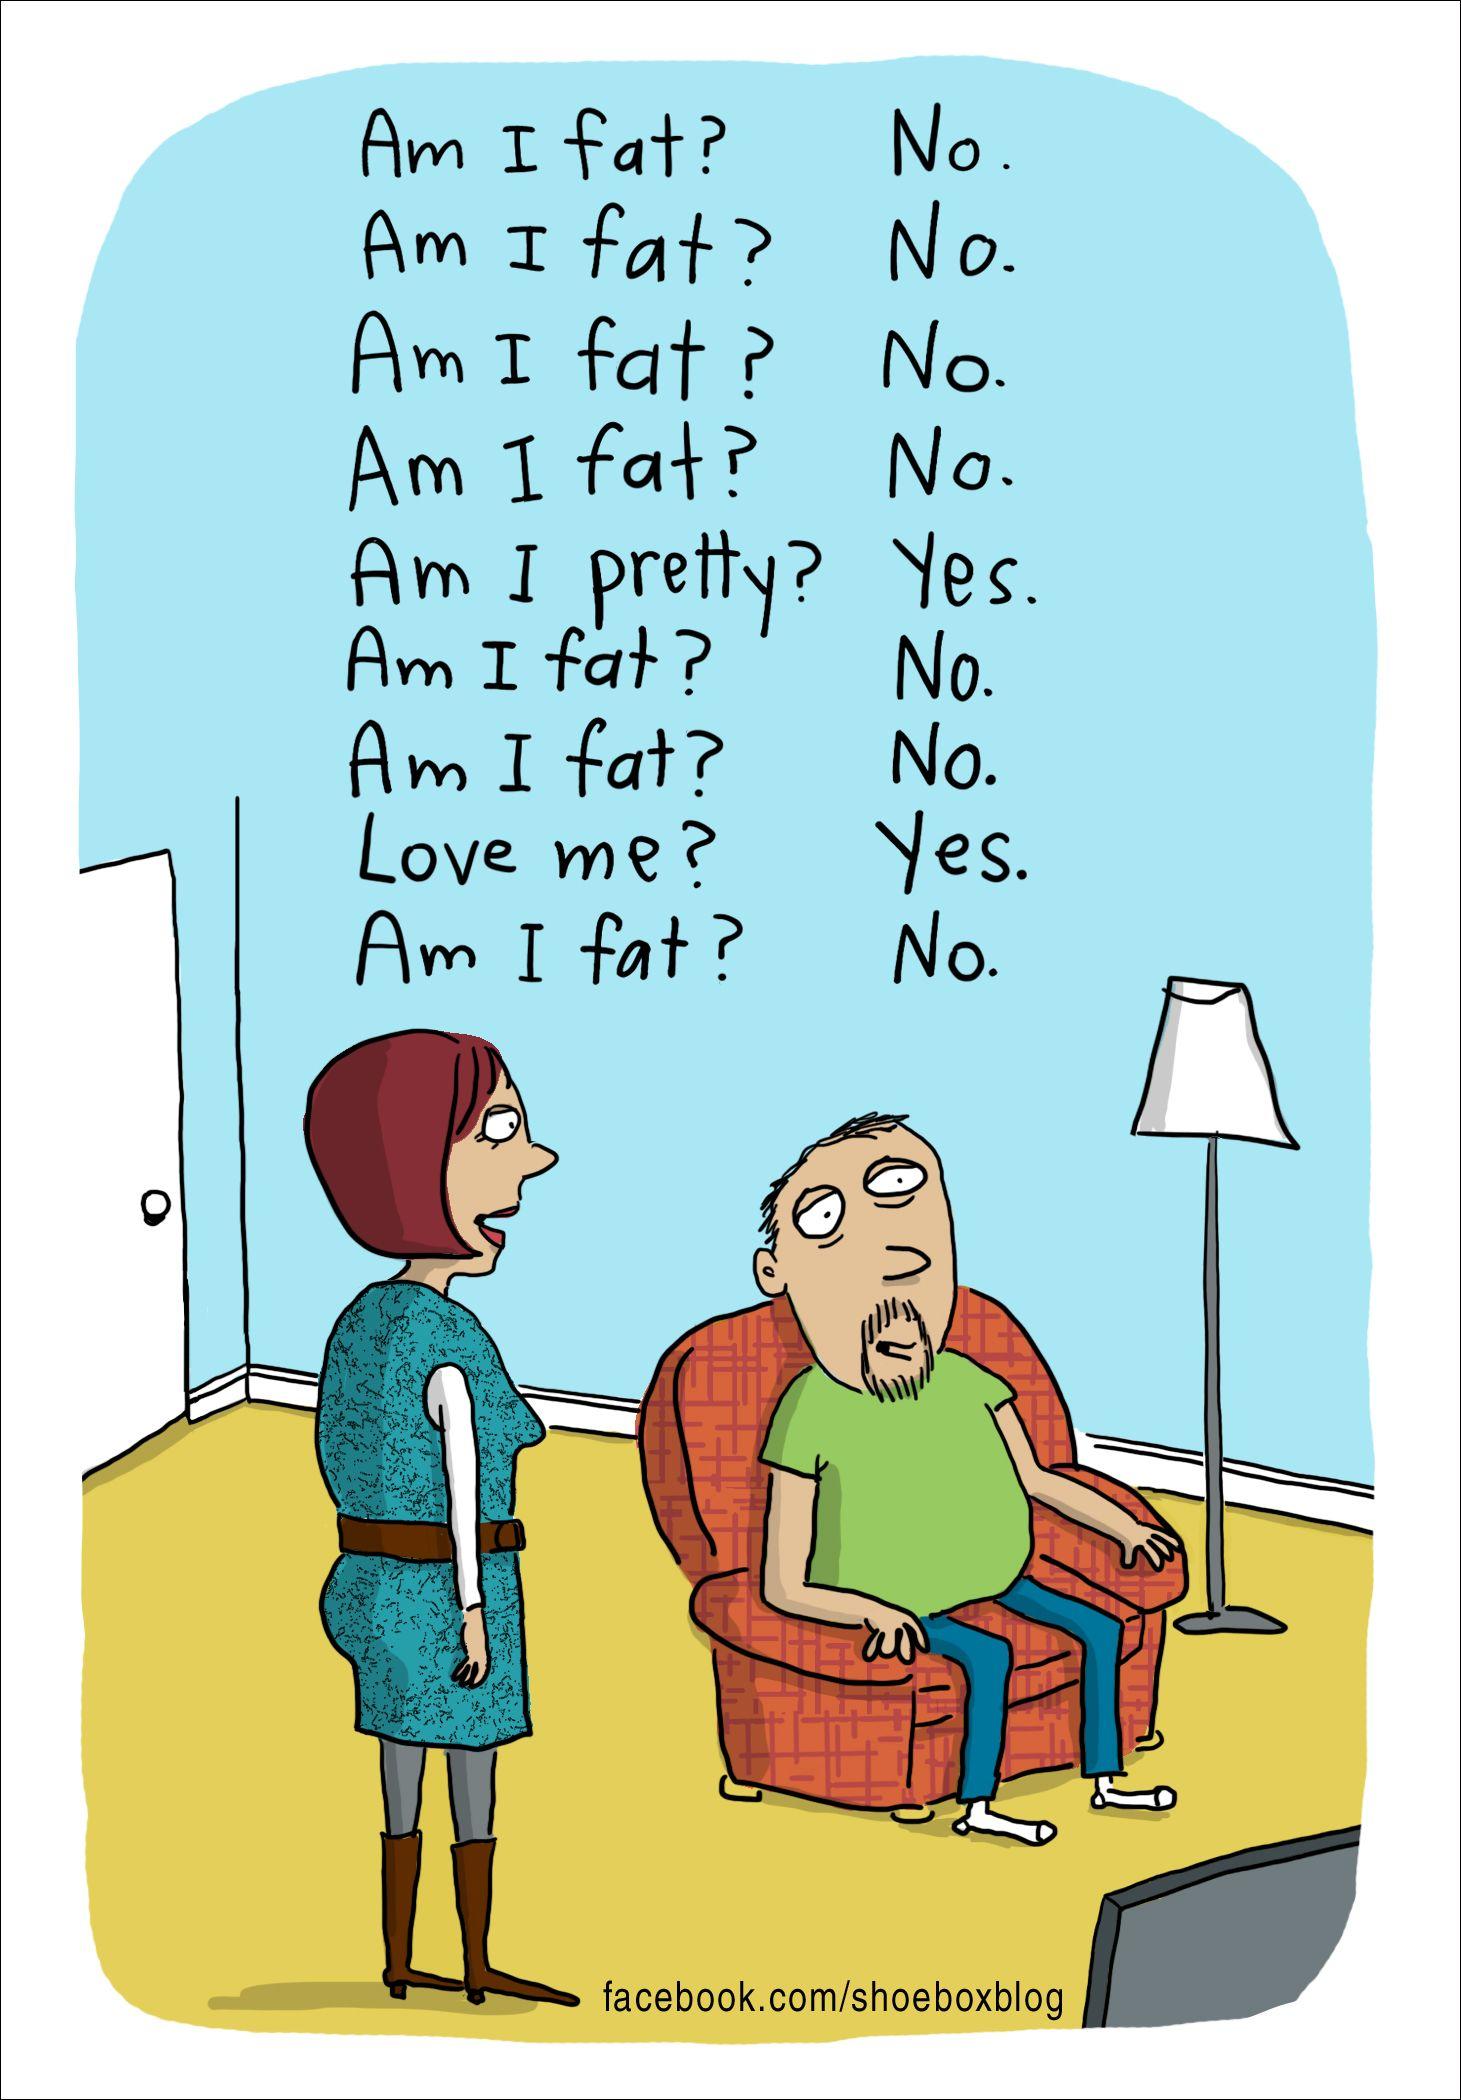 Shoebox Card From Hallmark Cartoon Funny Very Funny Jokes Haha Funny Hilarious